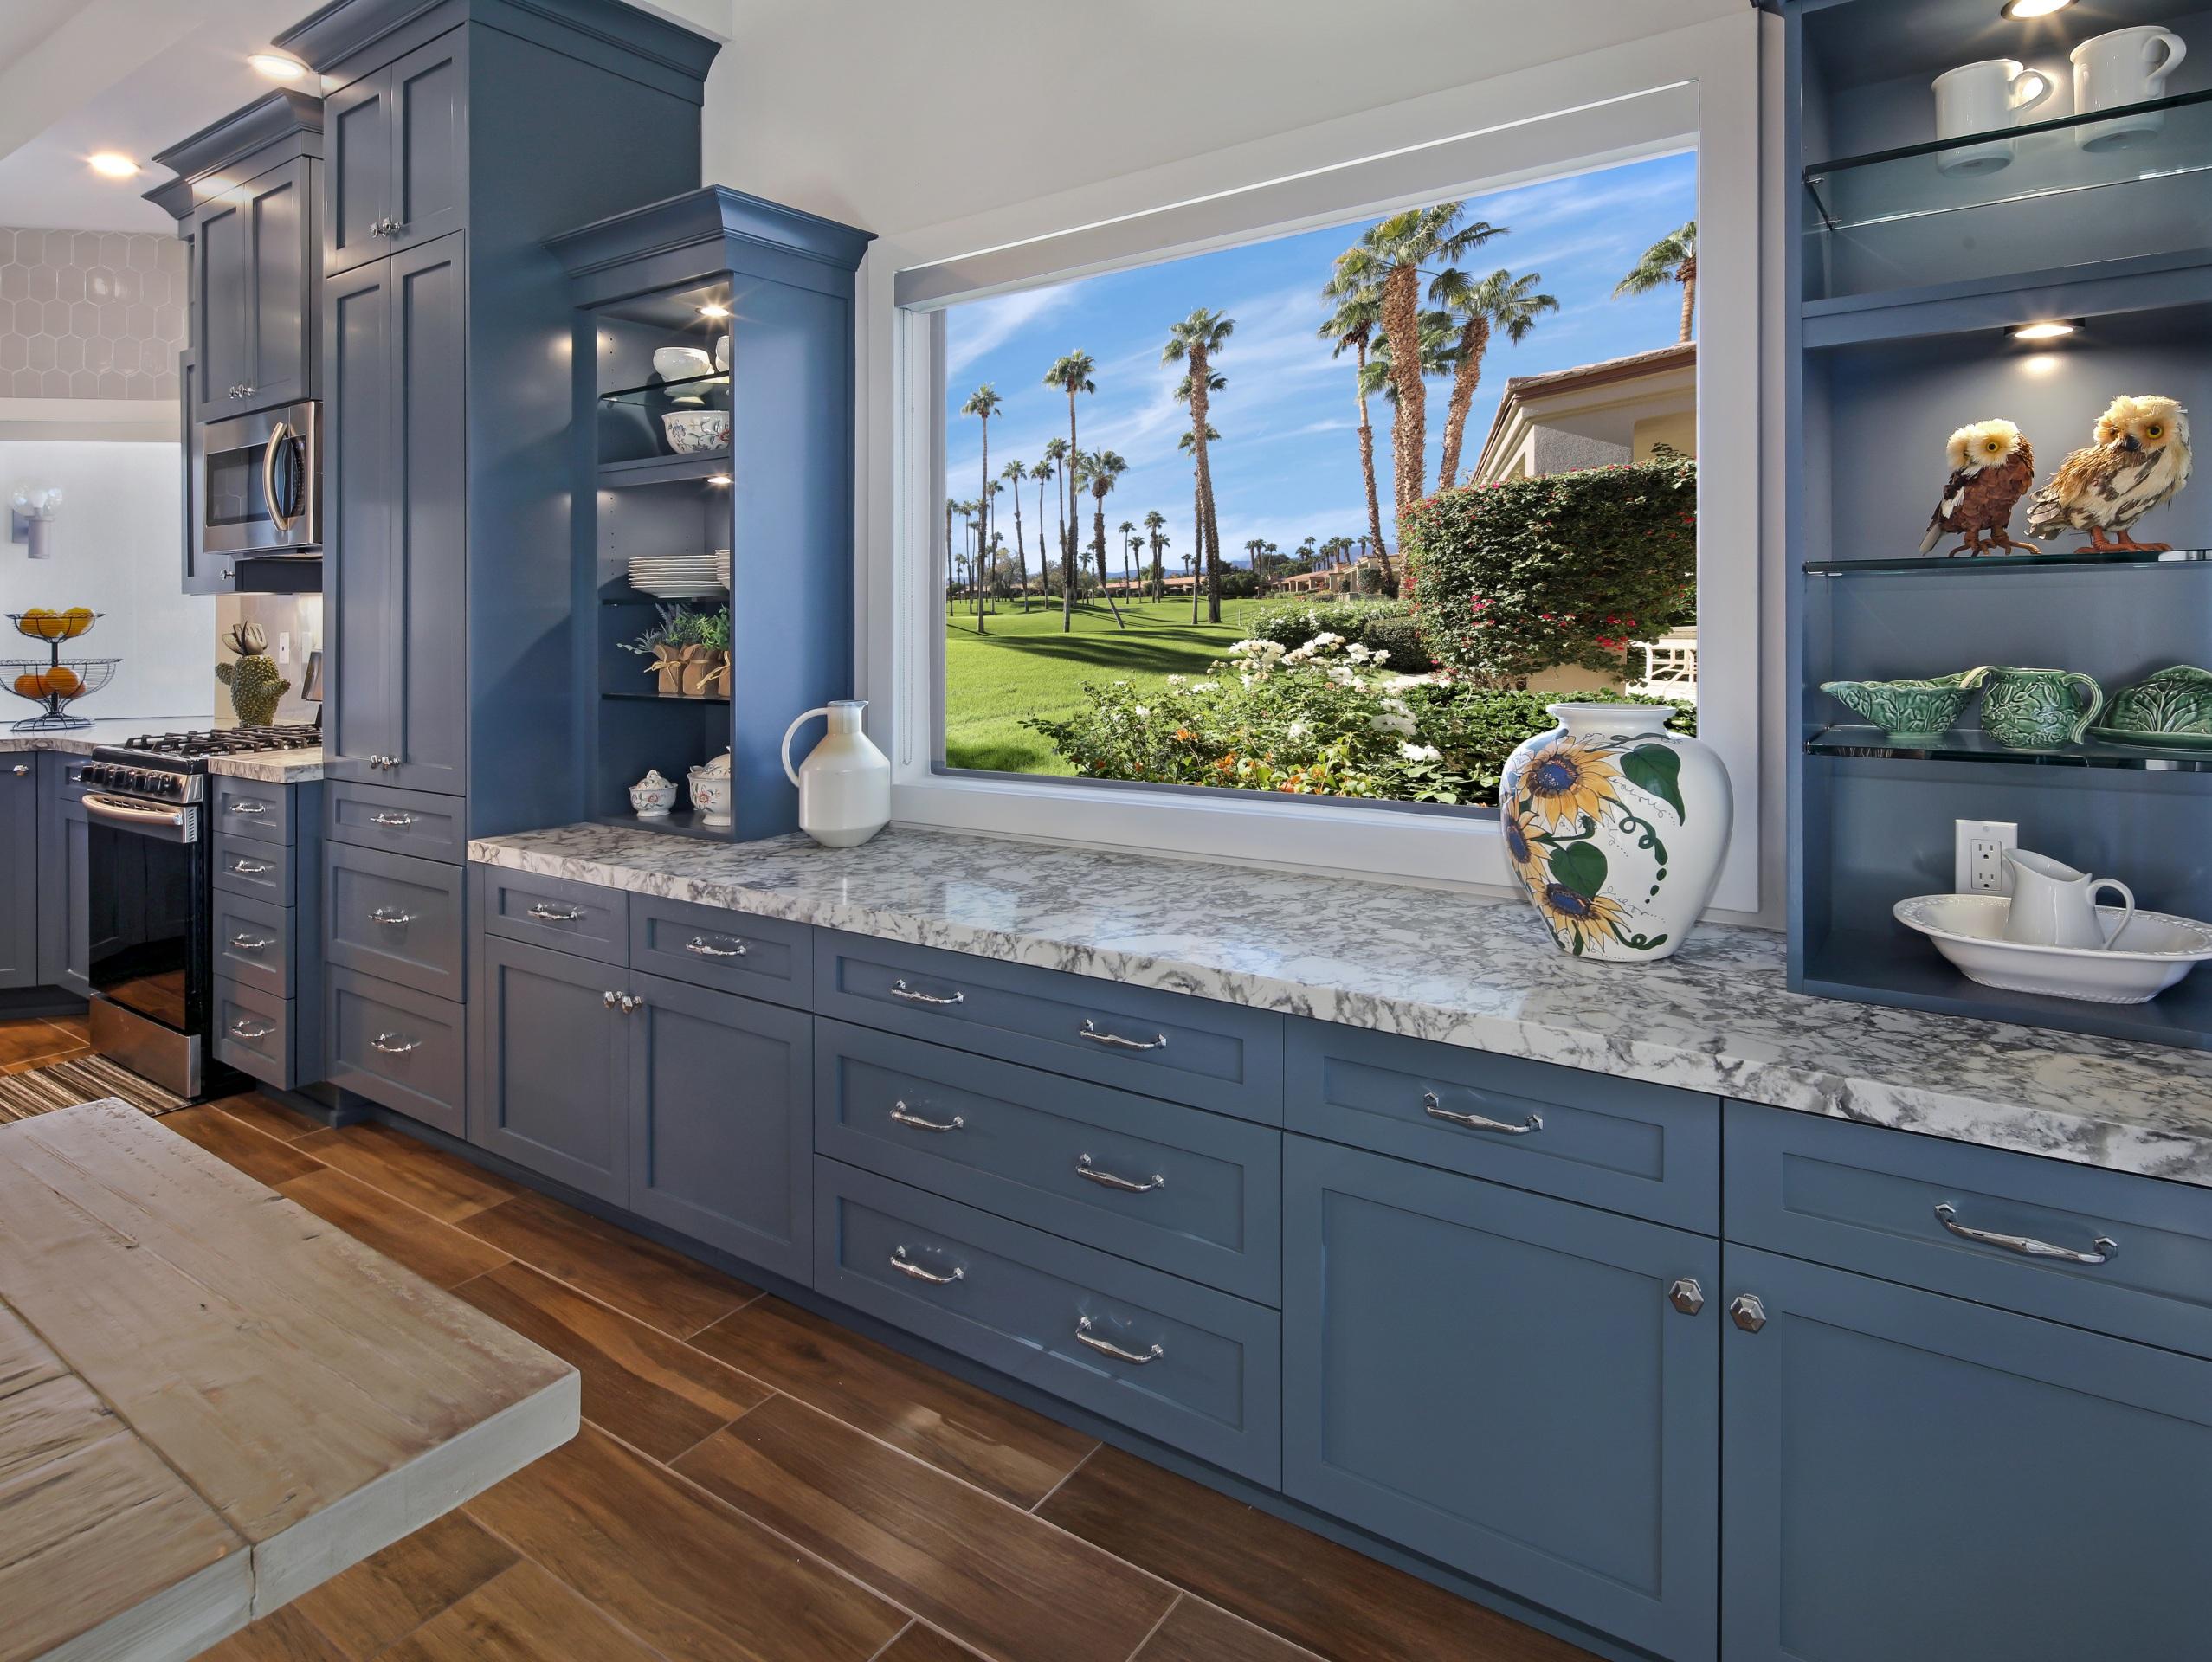 Обои для рабочего стола кухни Интерьер окна Дизайн 2555x1920 Кухня Окно дизайна